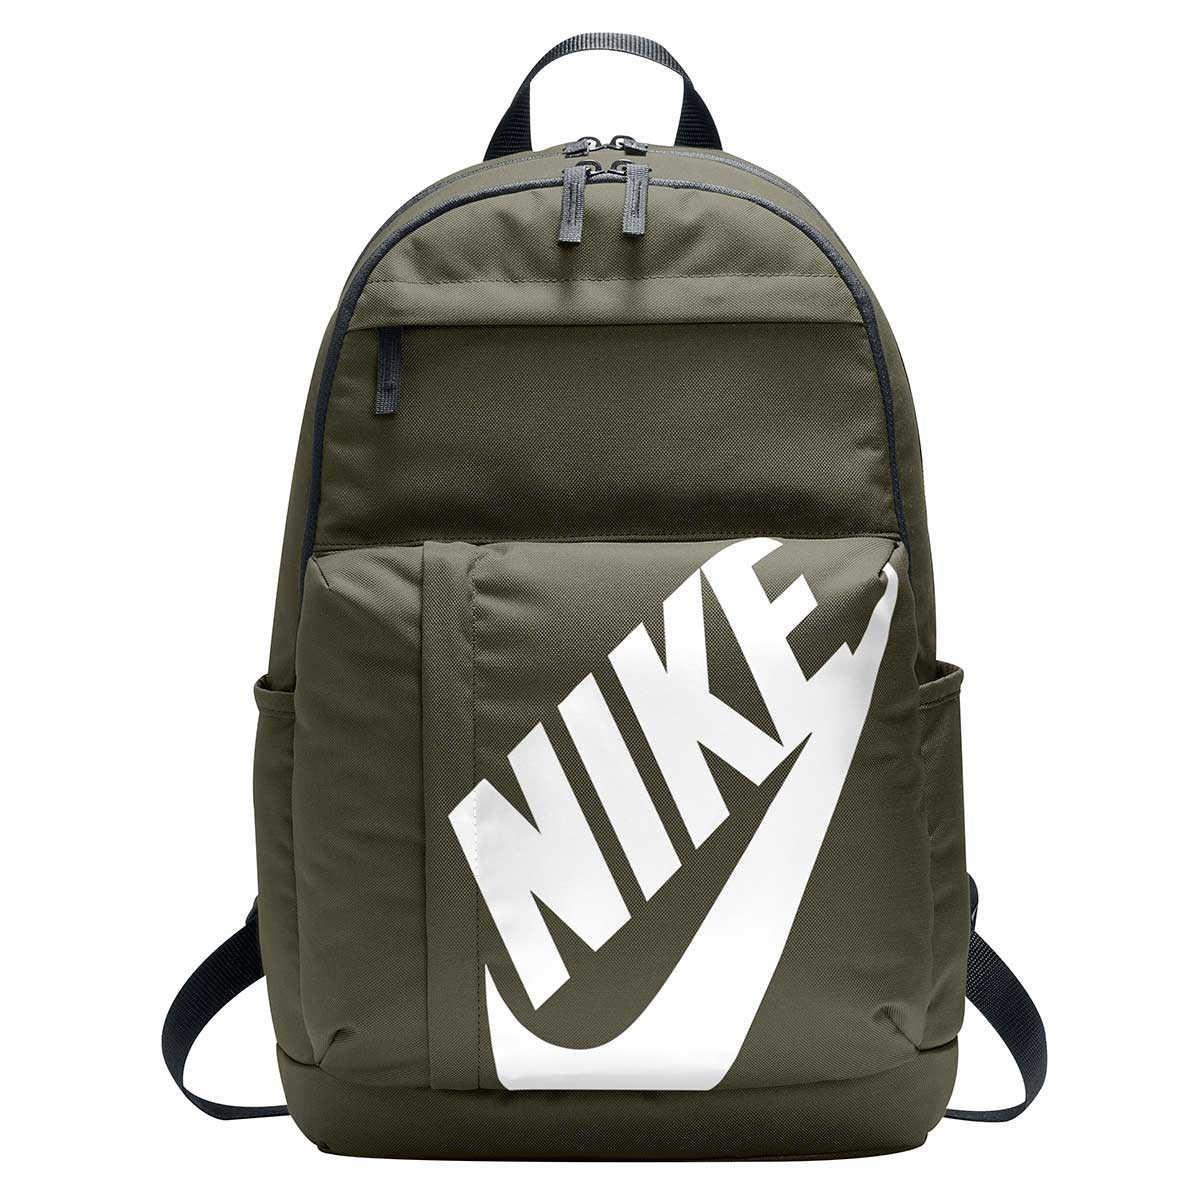 Hombre Escolar En Para 818 00 Dgt Ba5381 Nike 395 Mochila Envio xBgp6g